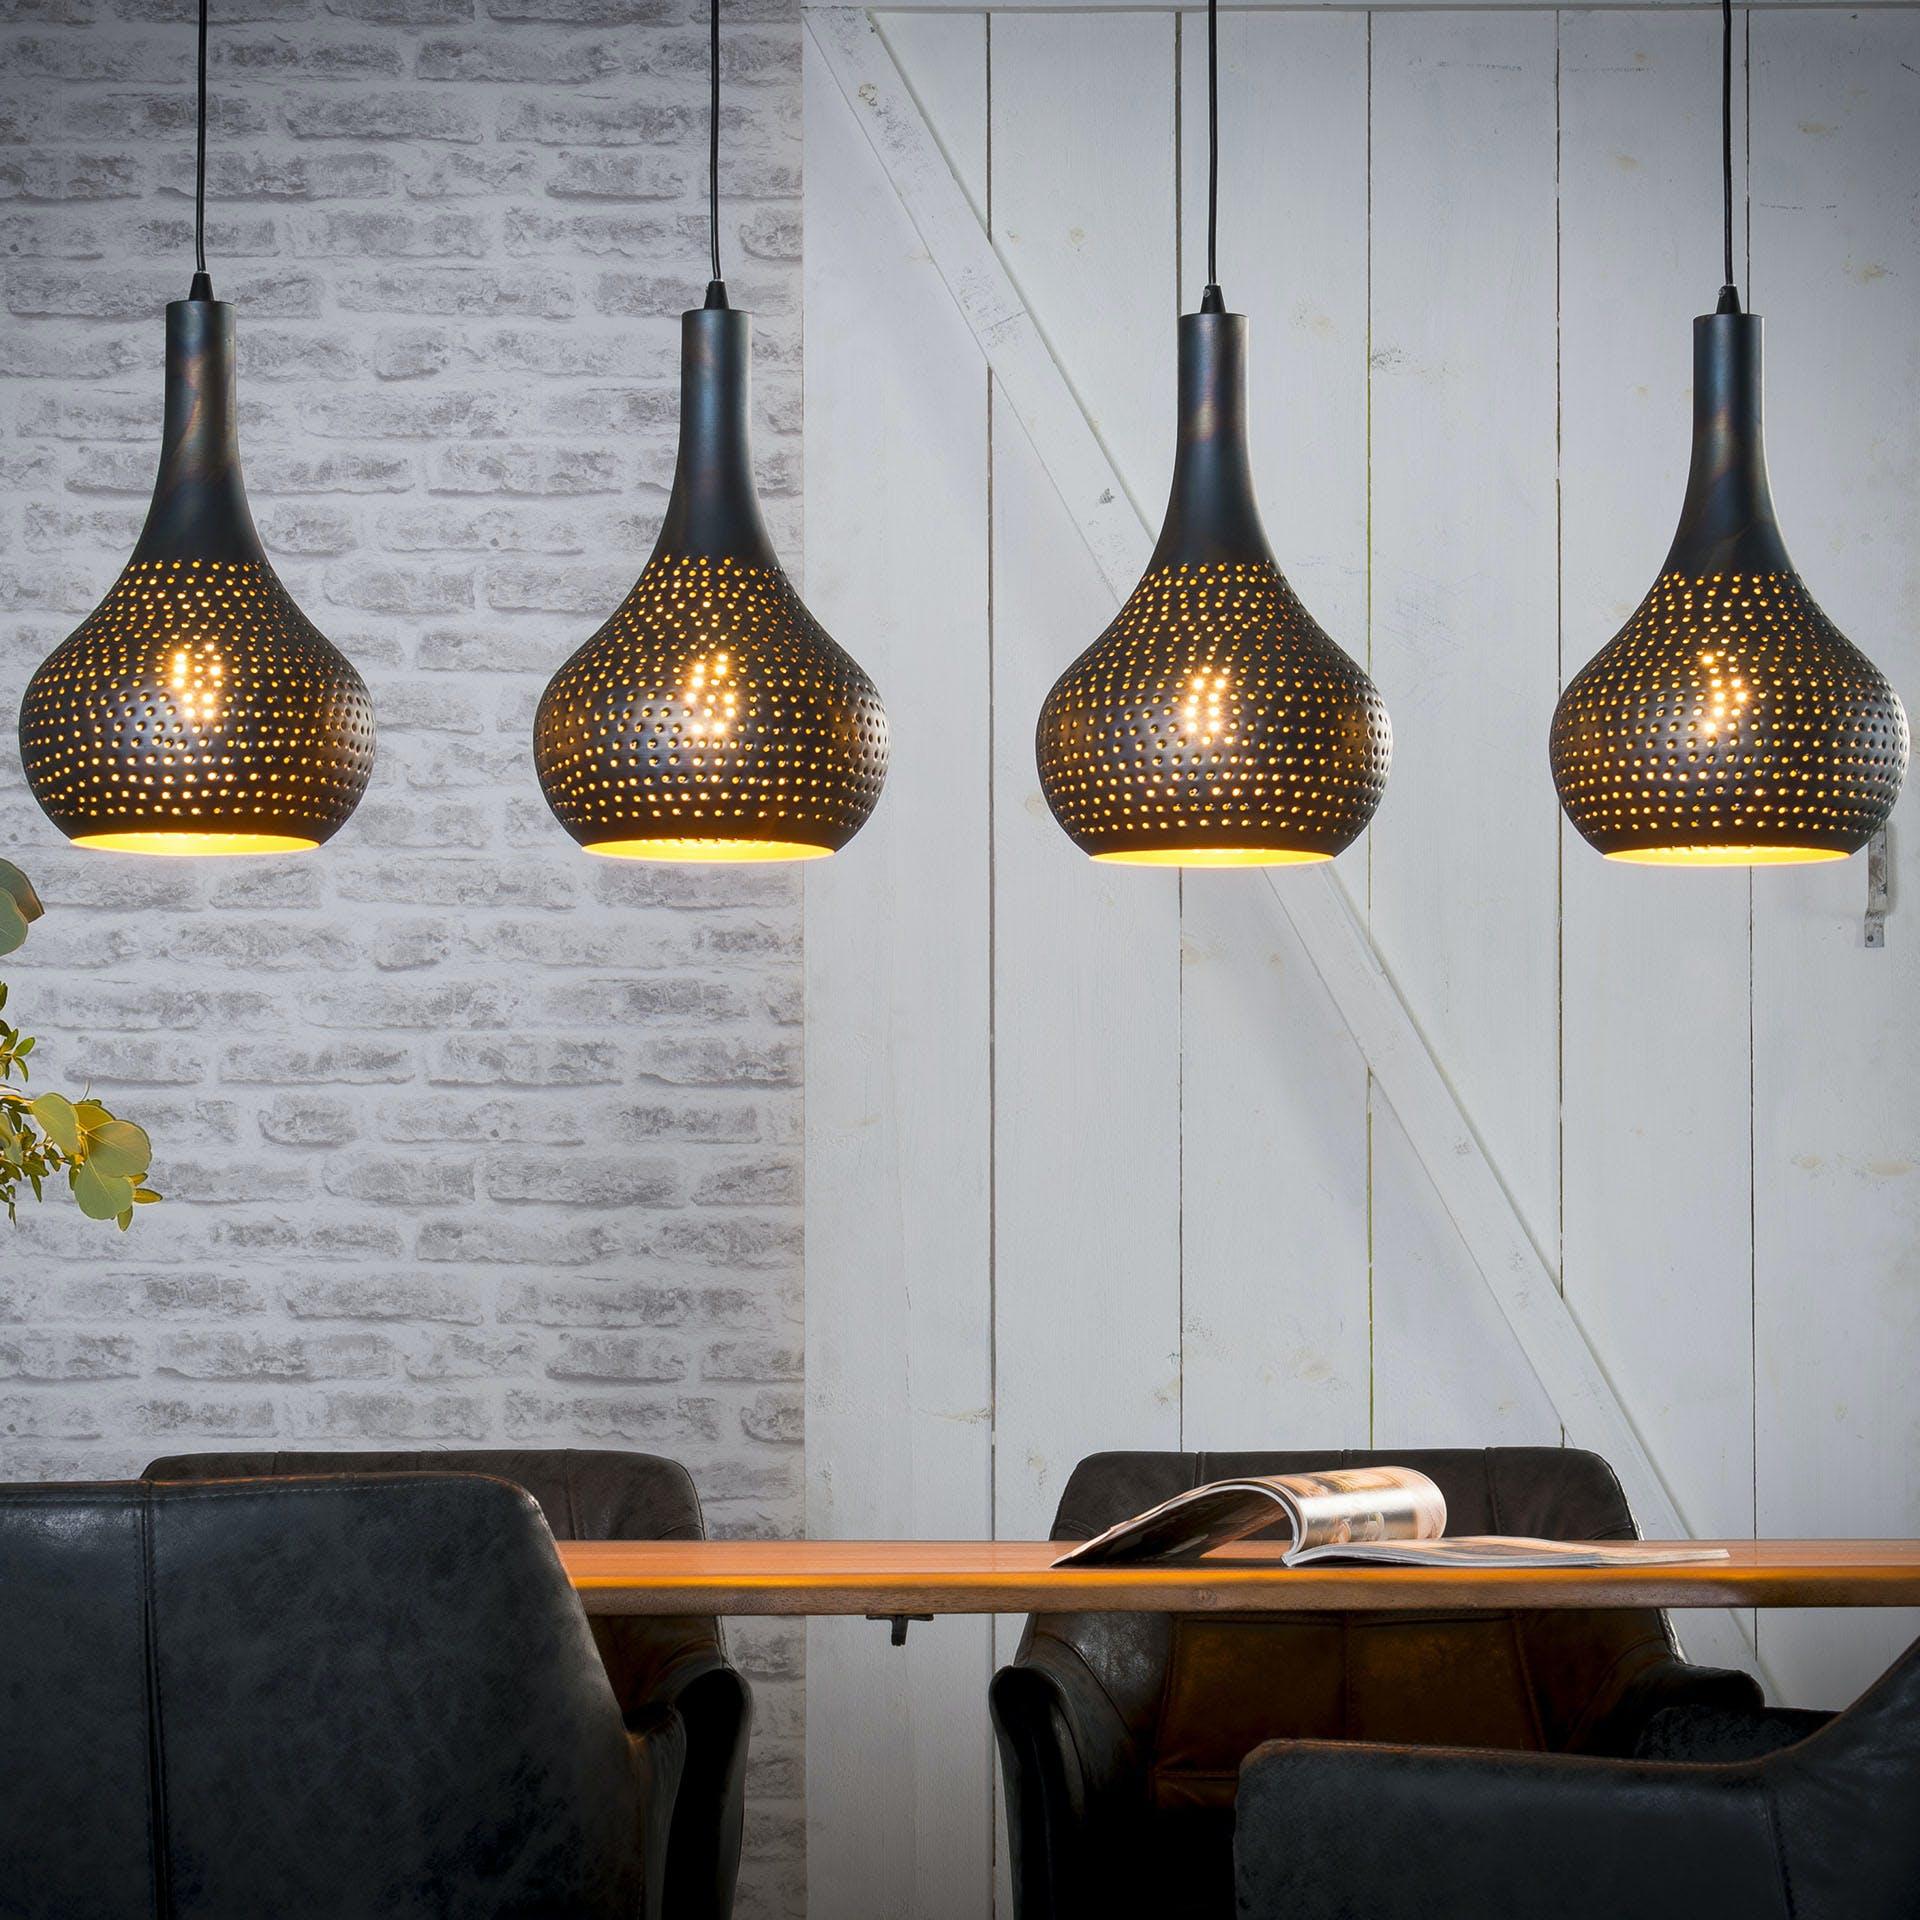 Suspension luminaire noir 4 lampes métal ajouré 130 cm JAVA